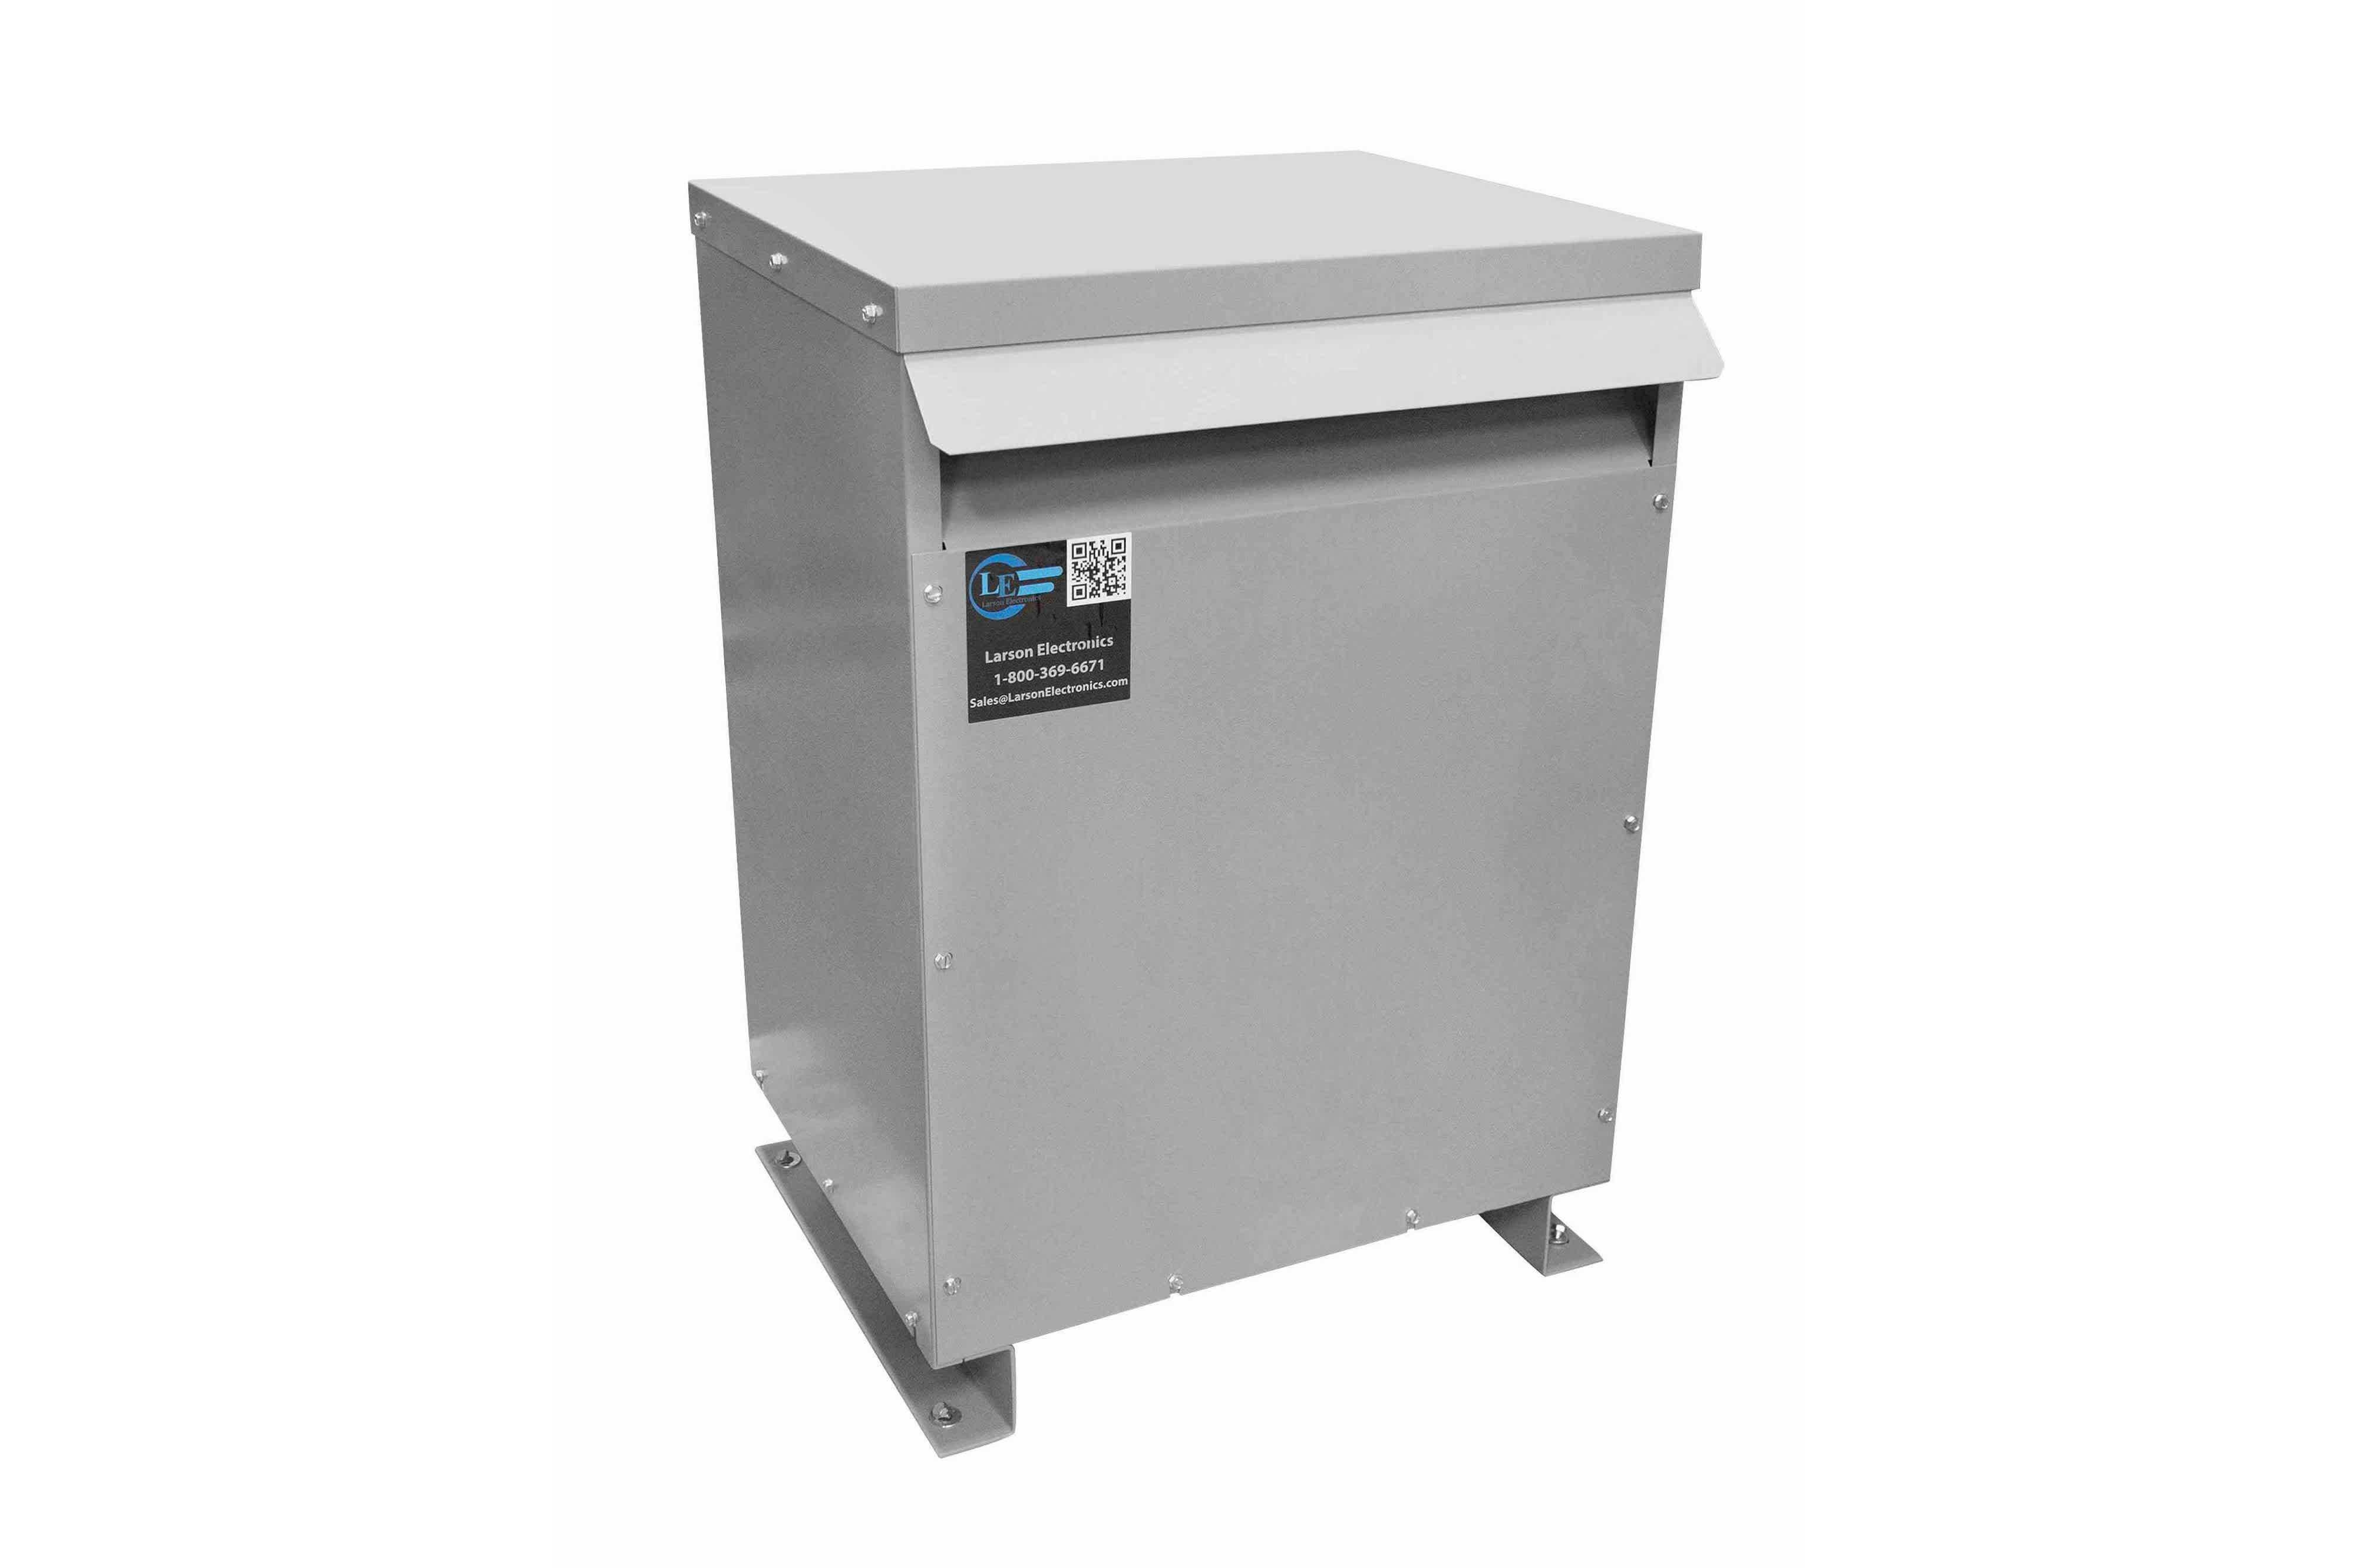 800 kVA 3PH Isolation Transformer, 415V Delta Primary, 240 Delta Secondary, N3R, Ventilated, 60 Hz